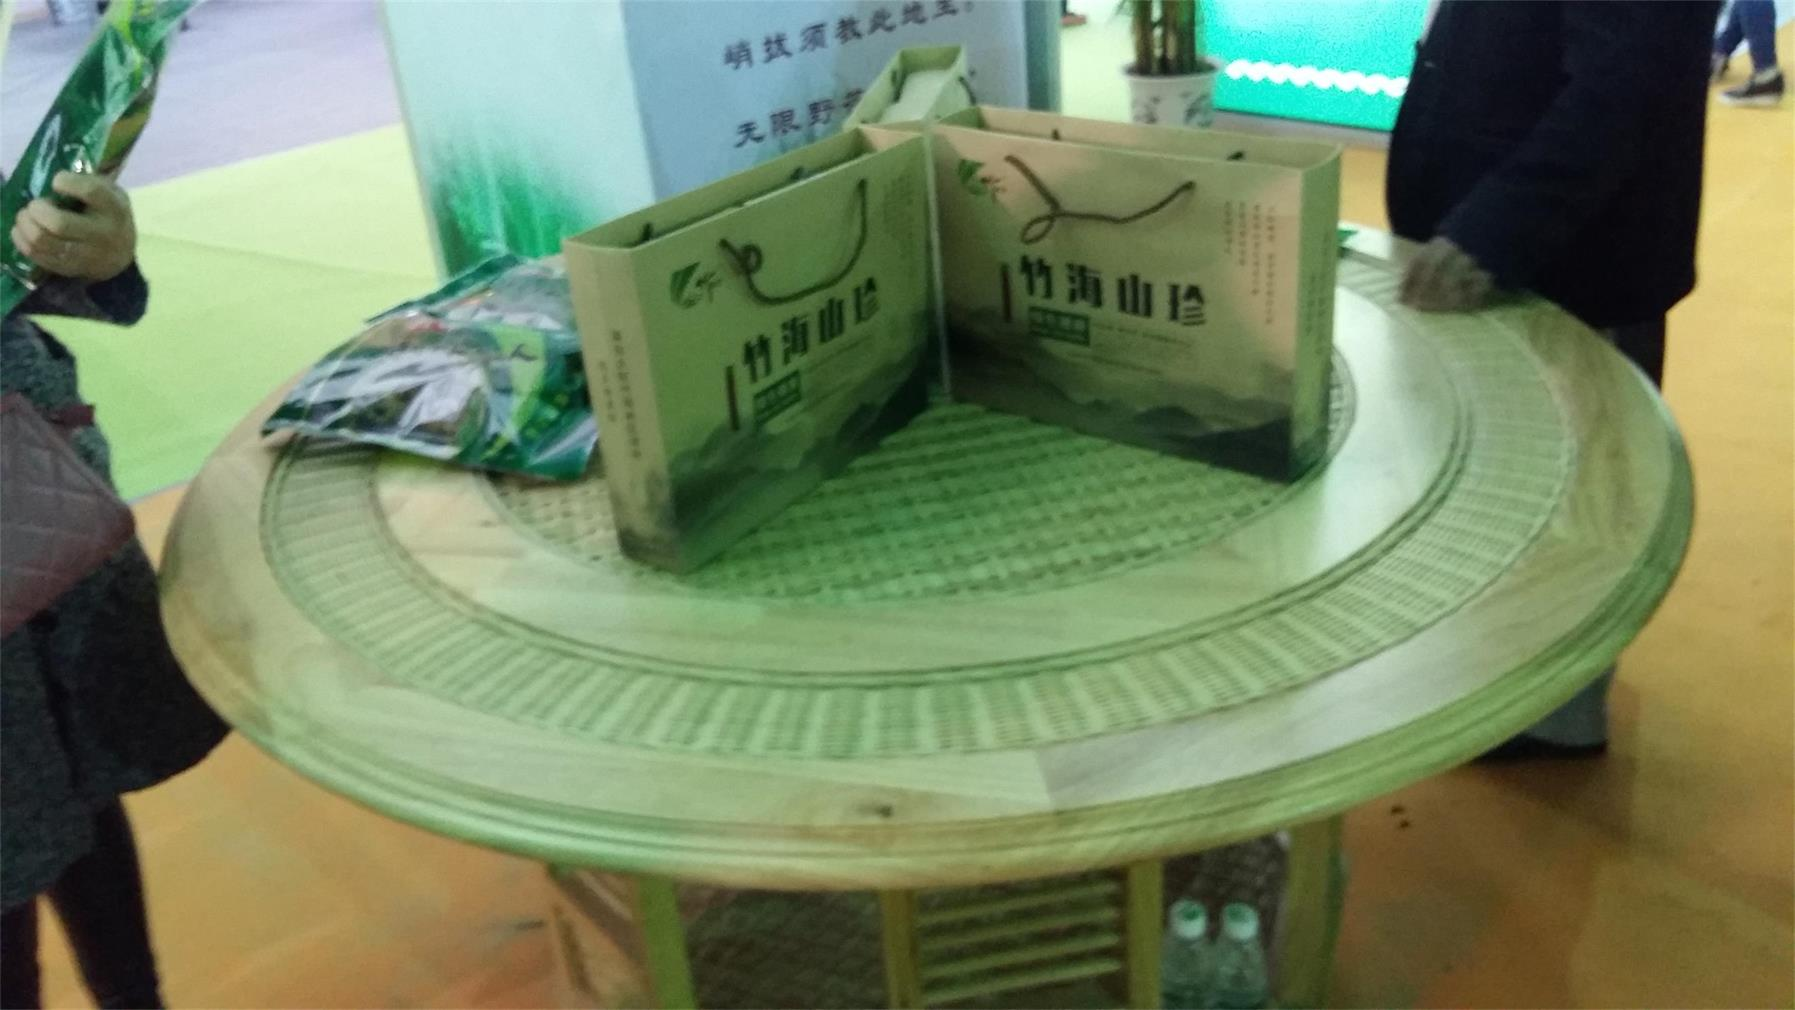 竹工艺品提供商—传景竹木|惠安竹工艺品